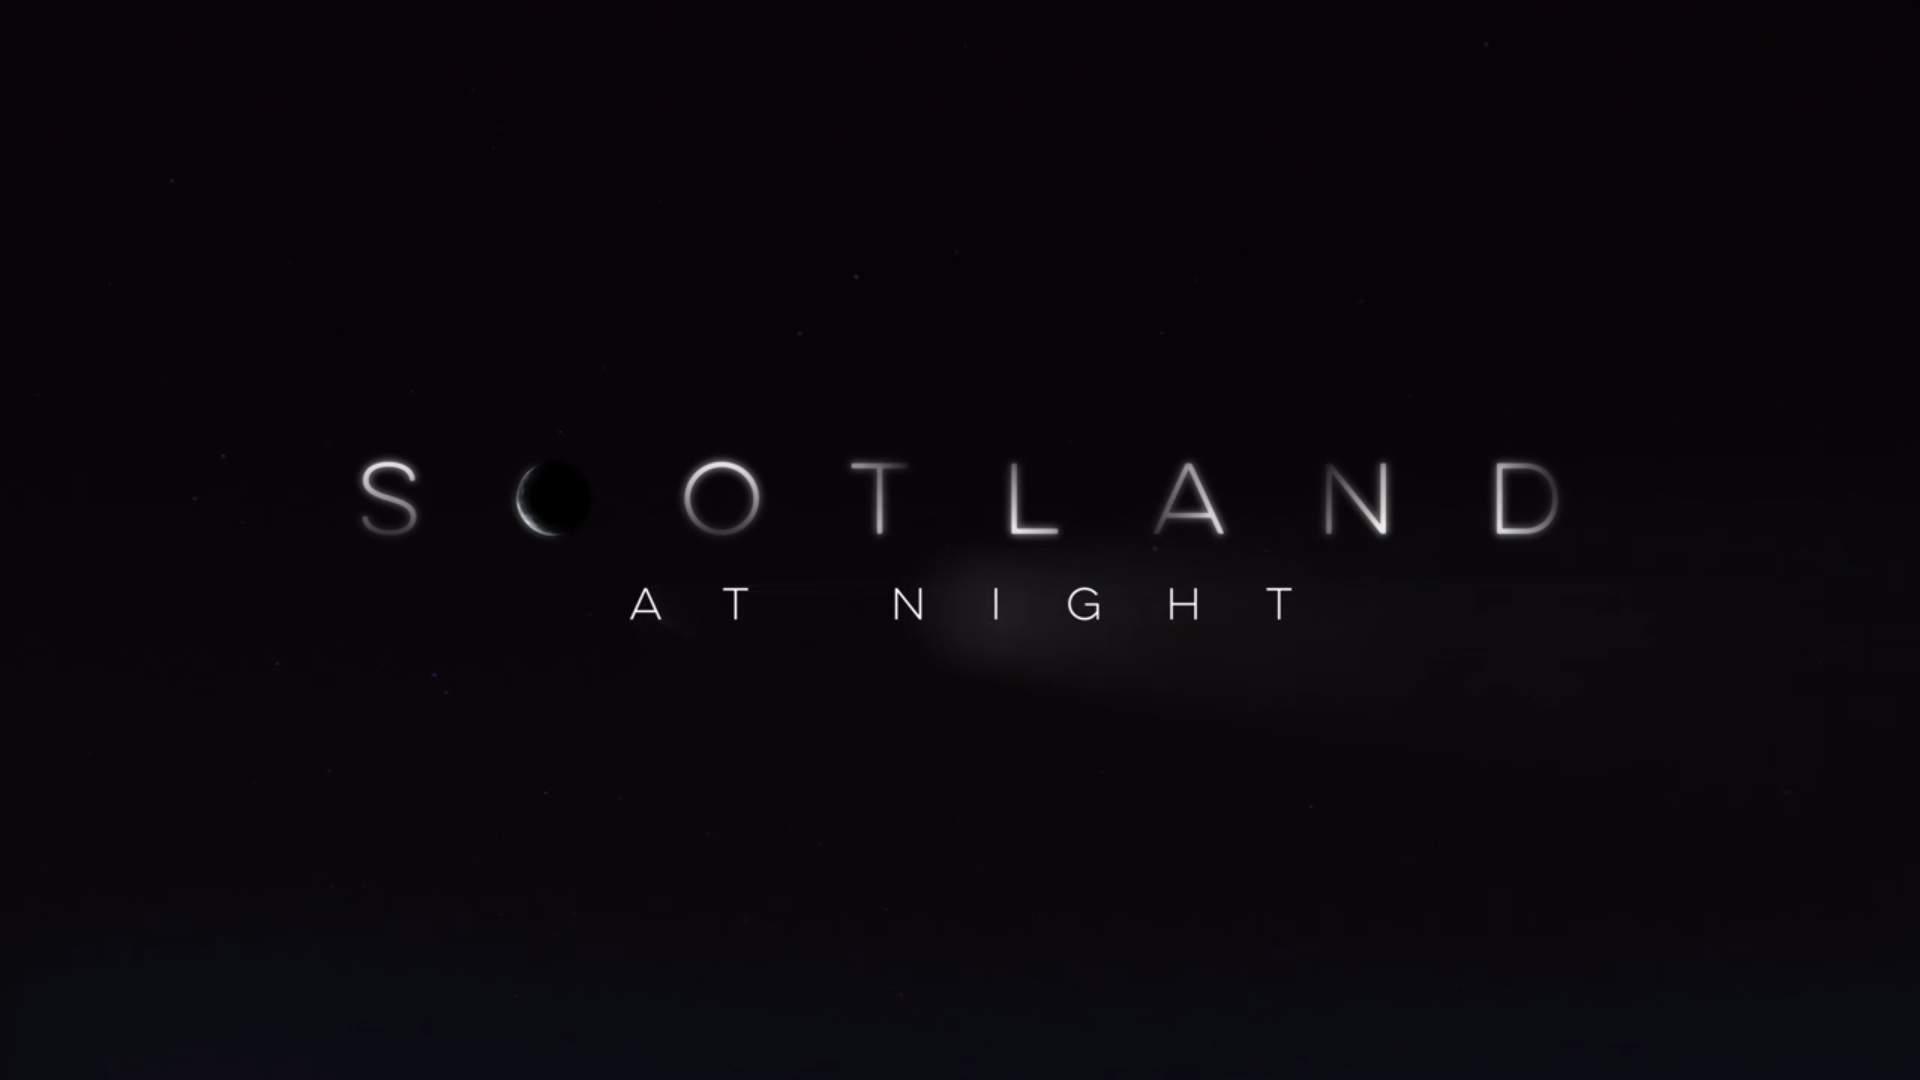 Hai mai pensato di visitare la Scozia di notte?